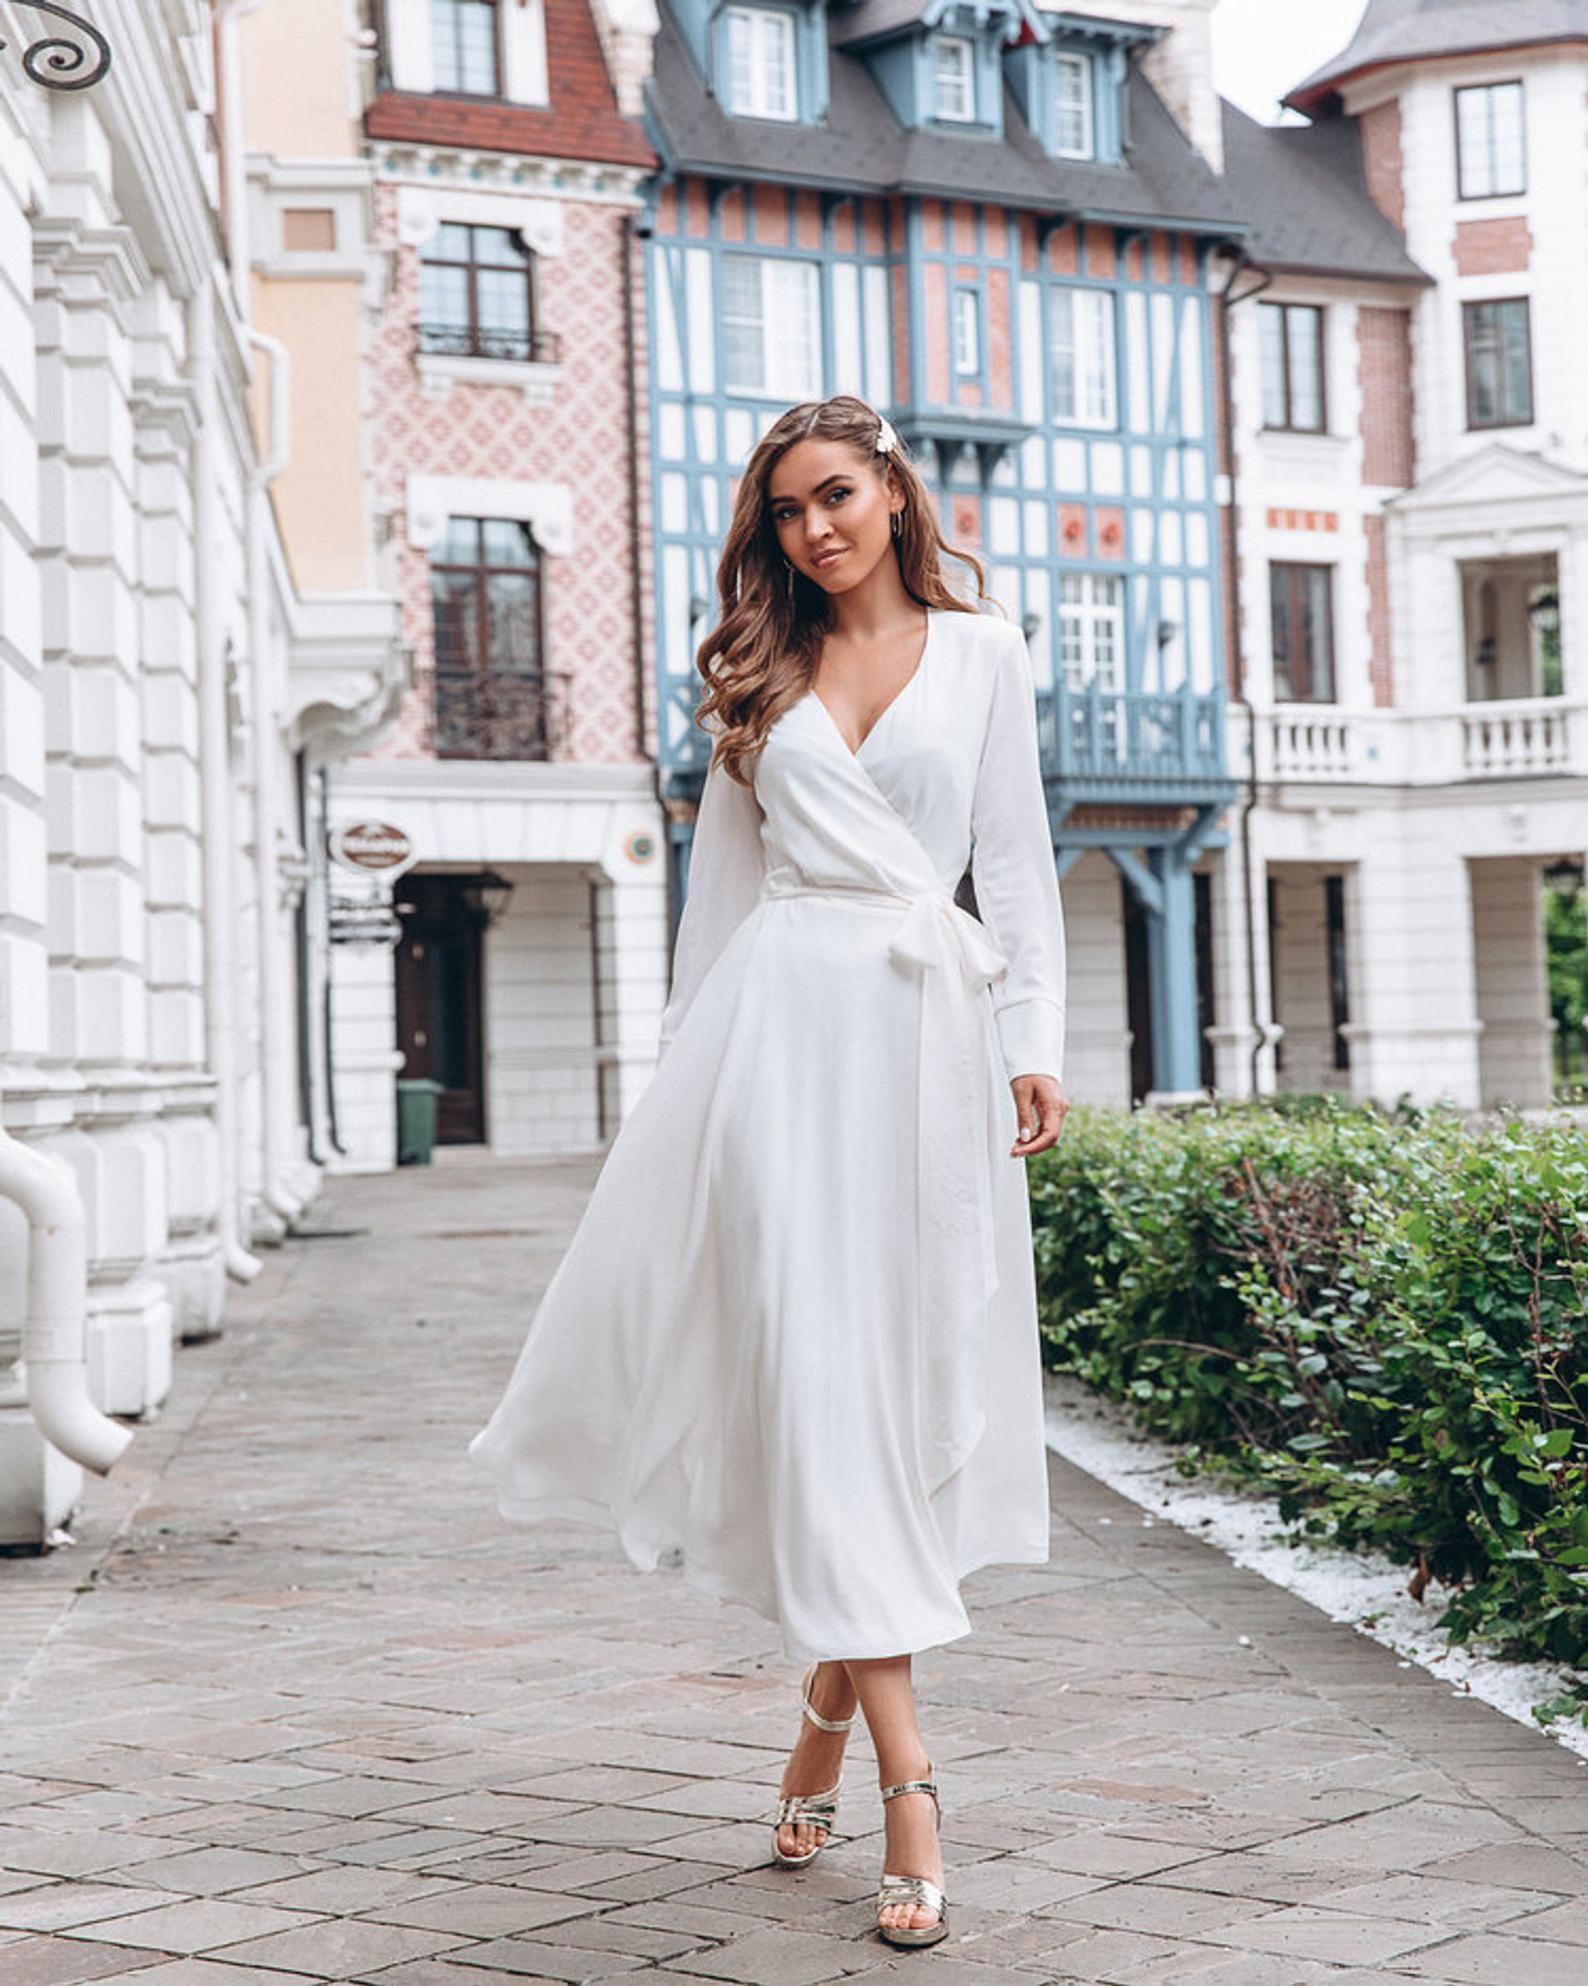 Pin on Gaun pengantin putih